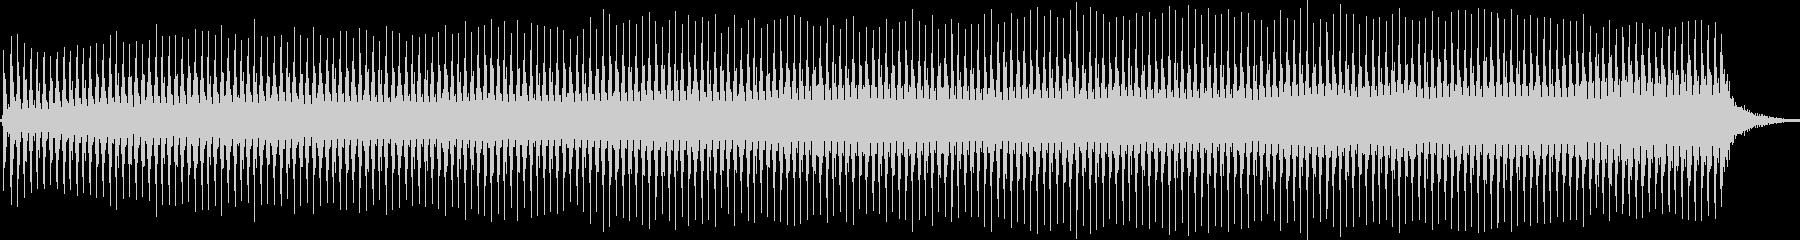 開演ブザー(ブーッ)の未再生の波形